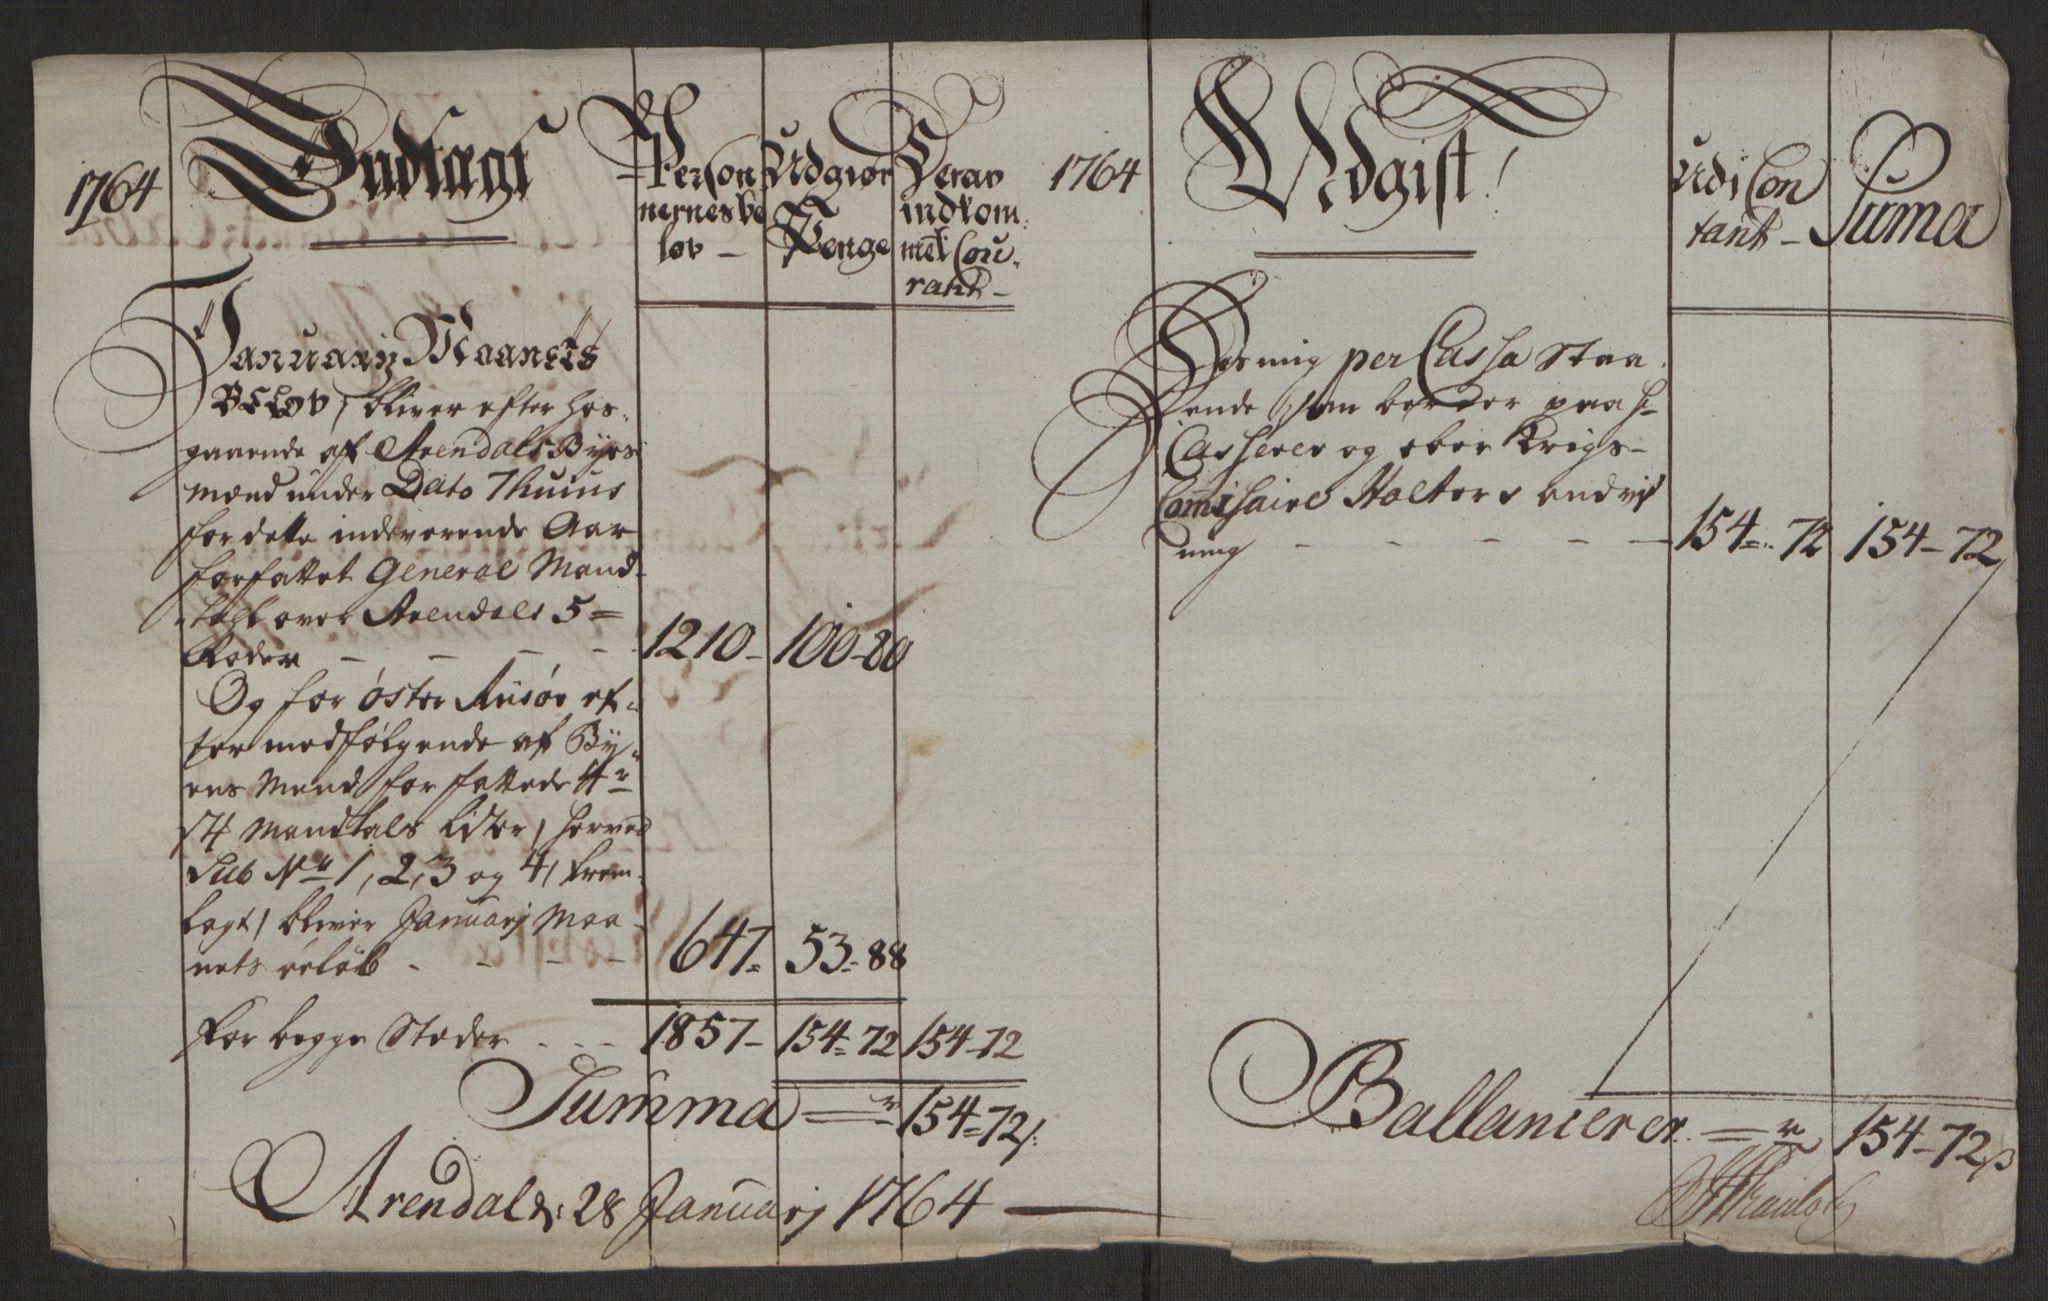 RA, Rentekammeret inntil 1814, Reviderte regnskaper, Byregnskaper, R/Rl/L0230: [L4] Kontribusjonsregnskap, 1762-1764, s. 420